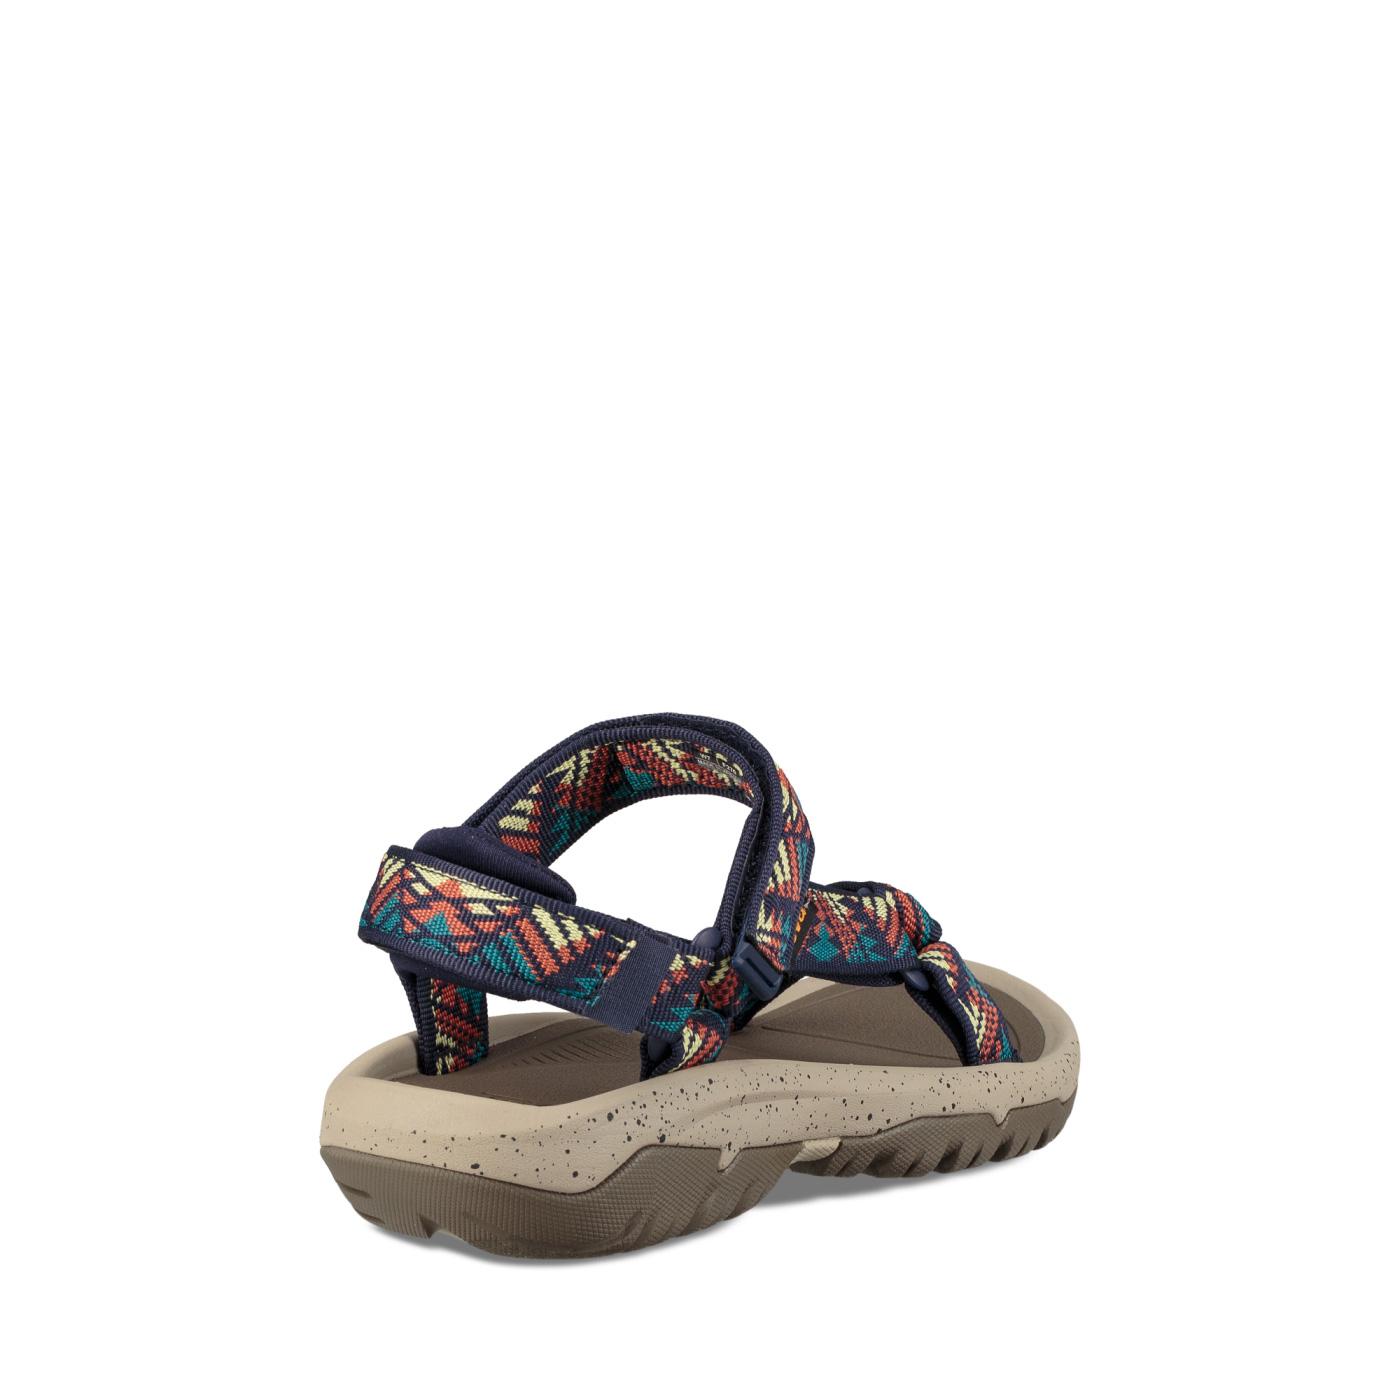 787650d37f092 Teva Hurricane XLT 2 Sandals - Women s